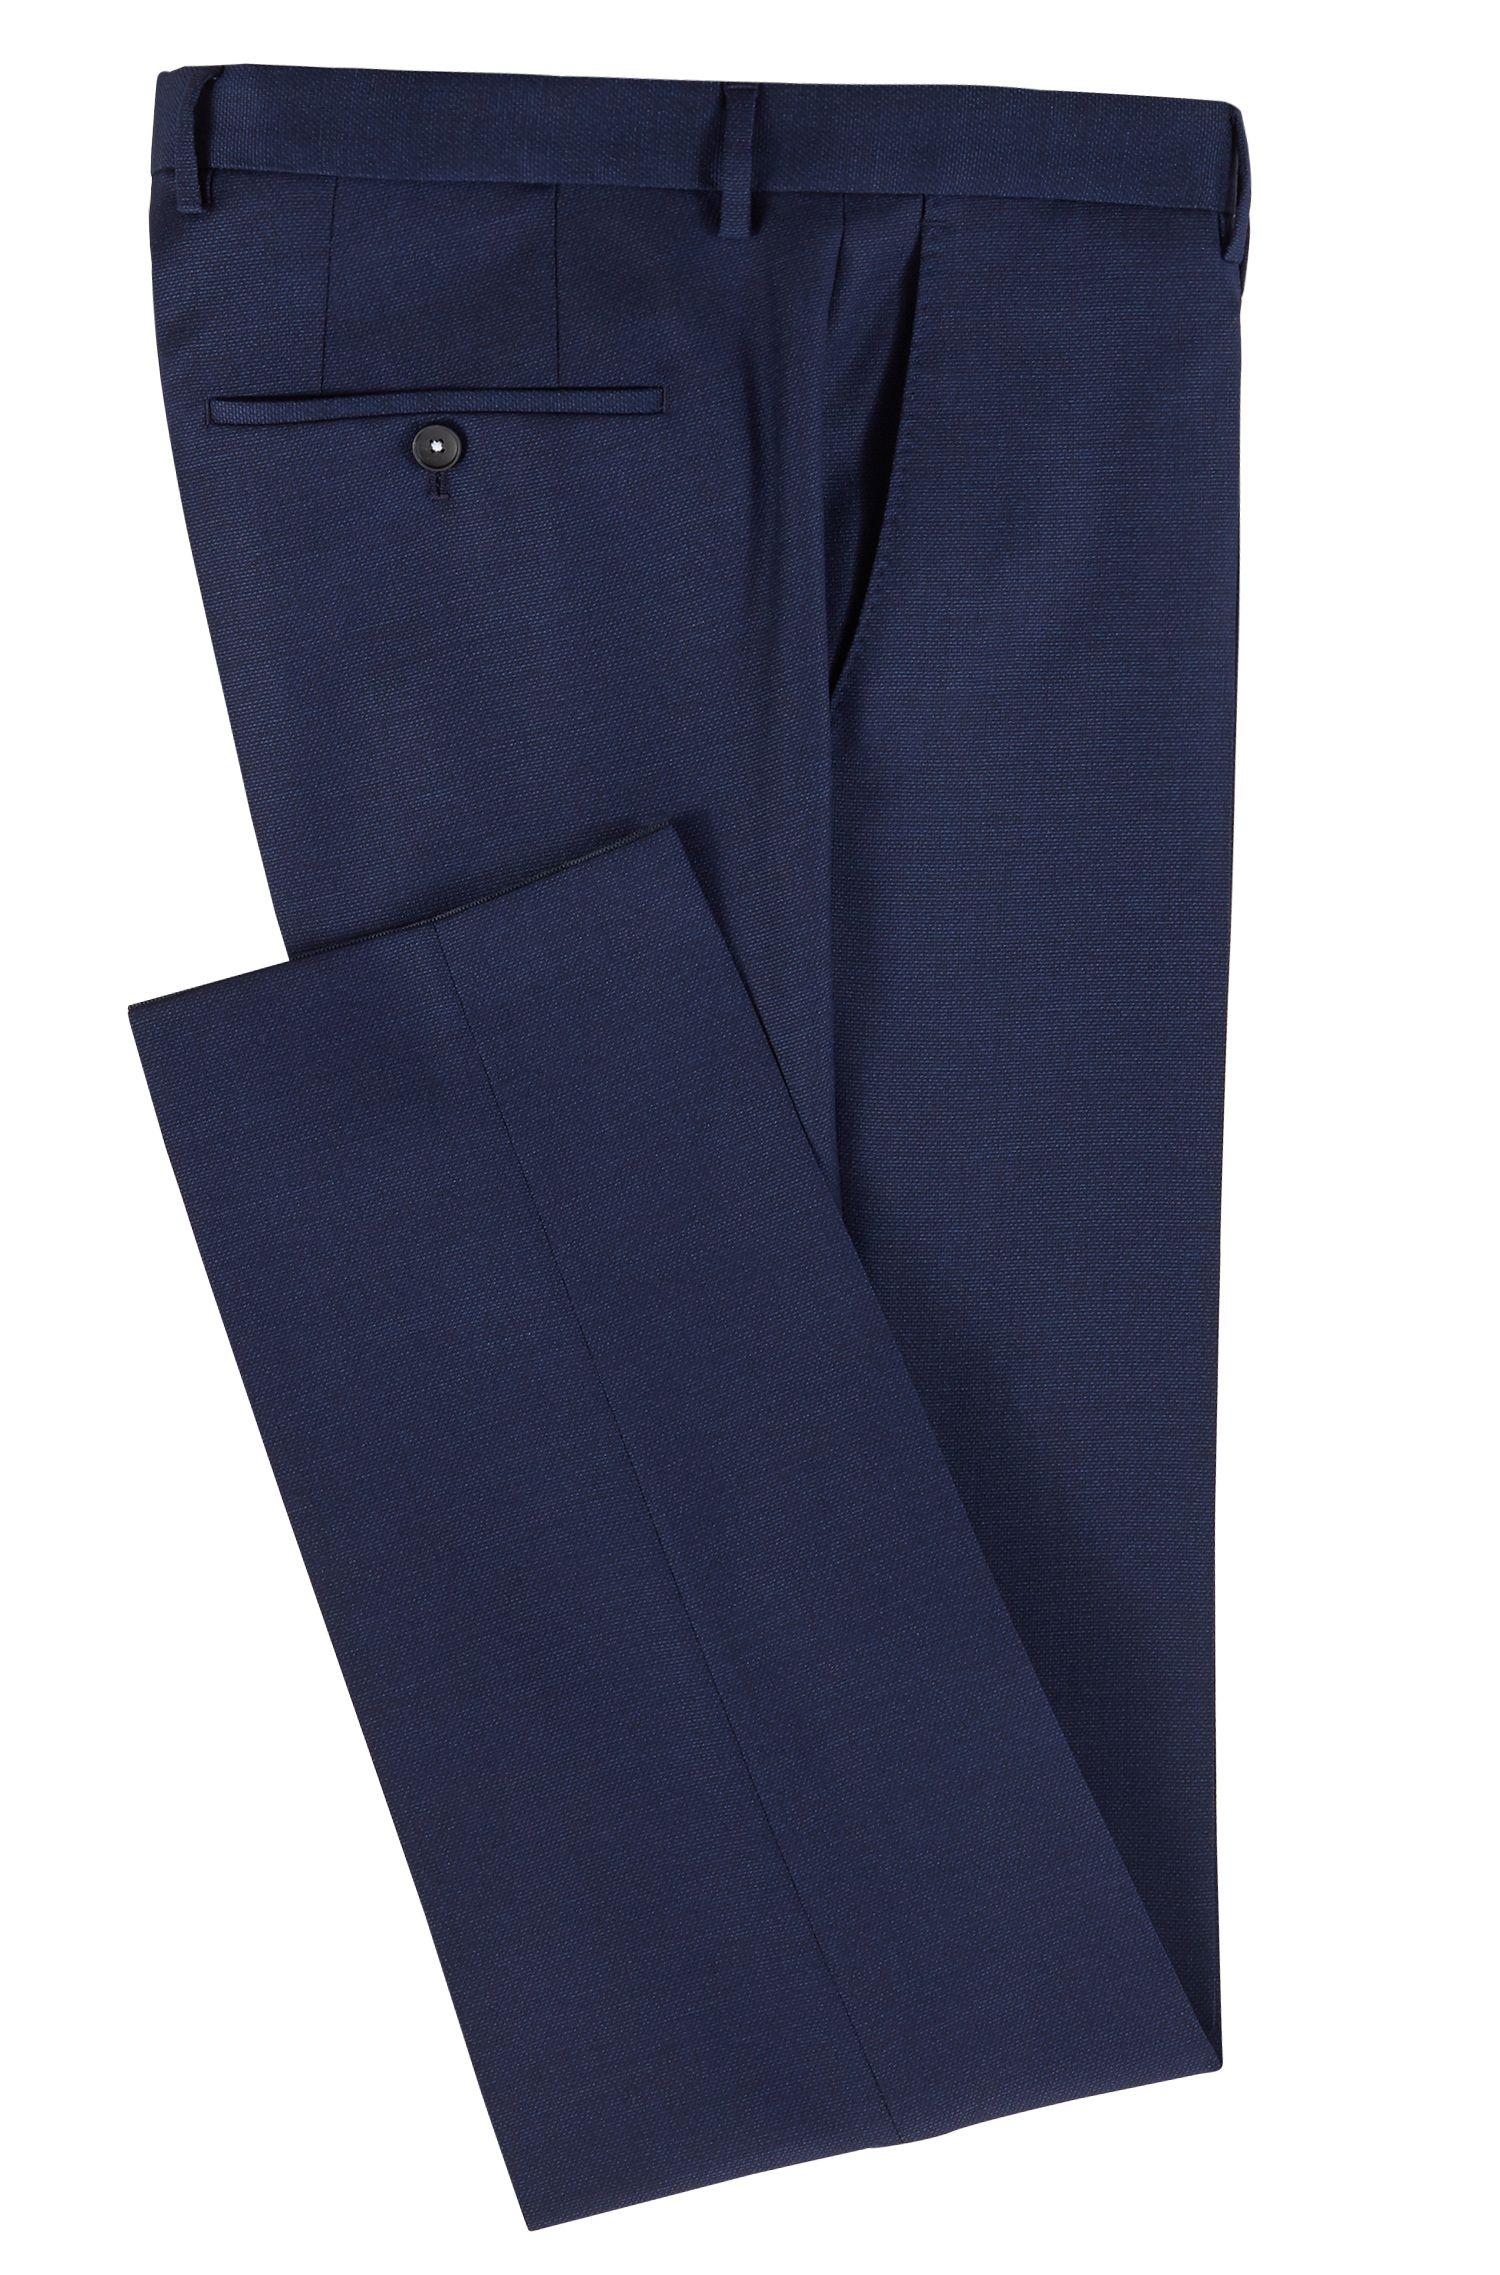 Micro-patterned slim-fit trousers in virgin wool, Open Blue